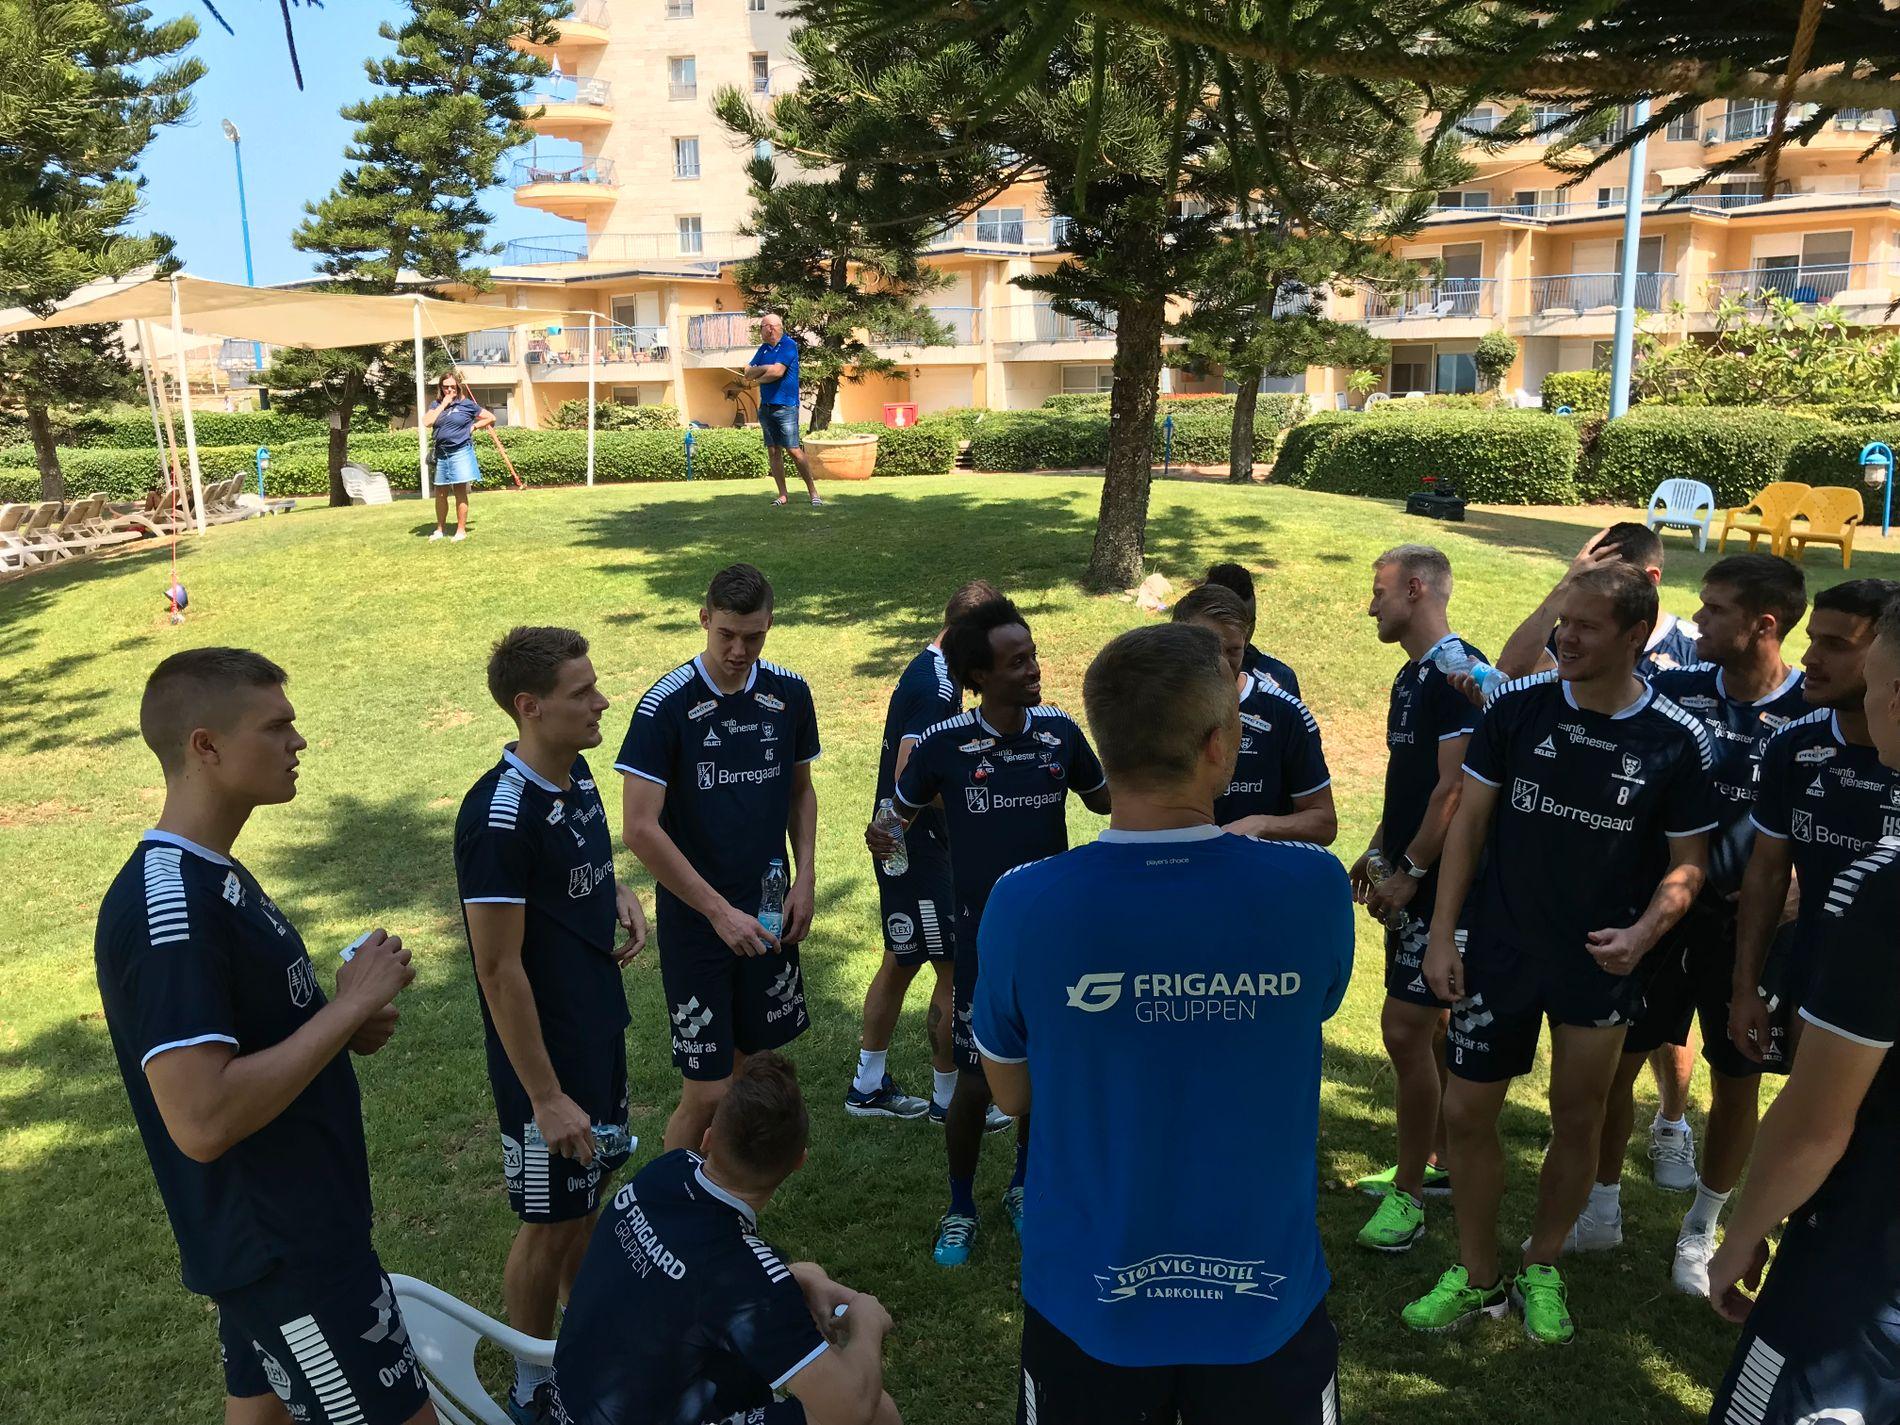 STOR OPPGAVE: Sarpsborg-laget er spent, men klare for returmøtet med Maccabi Tel Aviv. Her gjennomførte de en lett treningsøkt på morgenen etter ankomst i Israel.